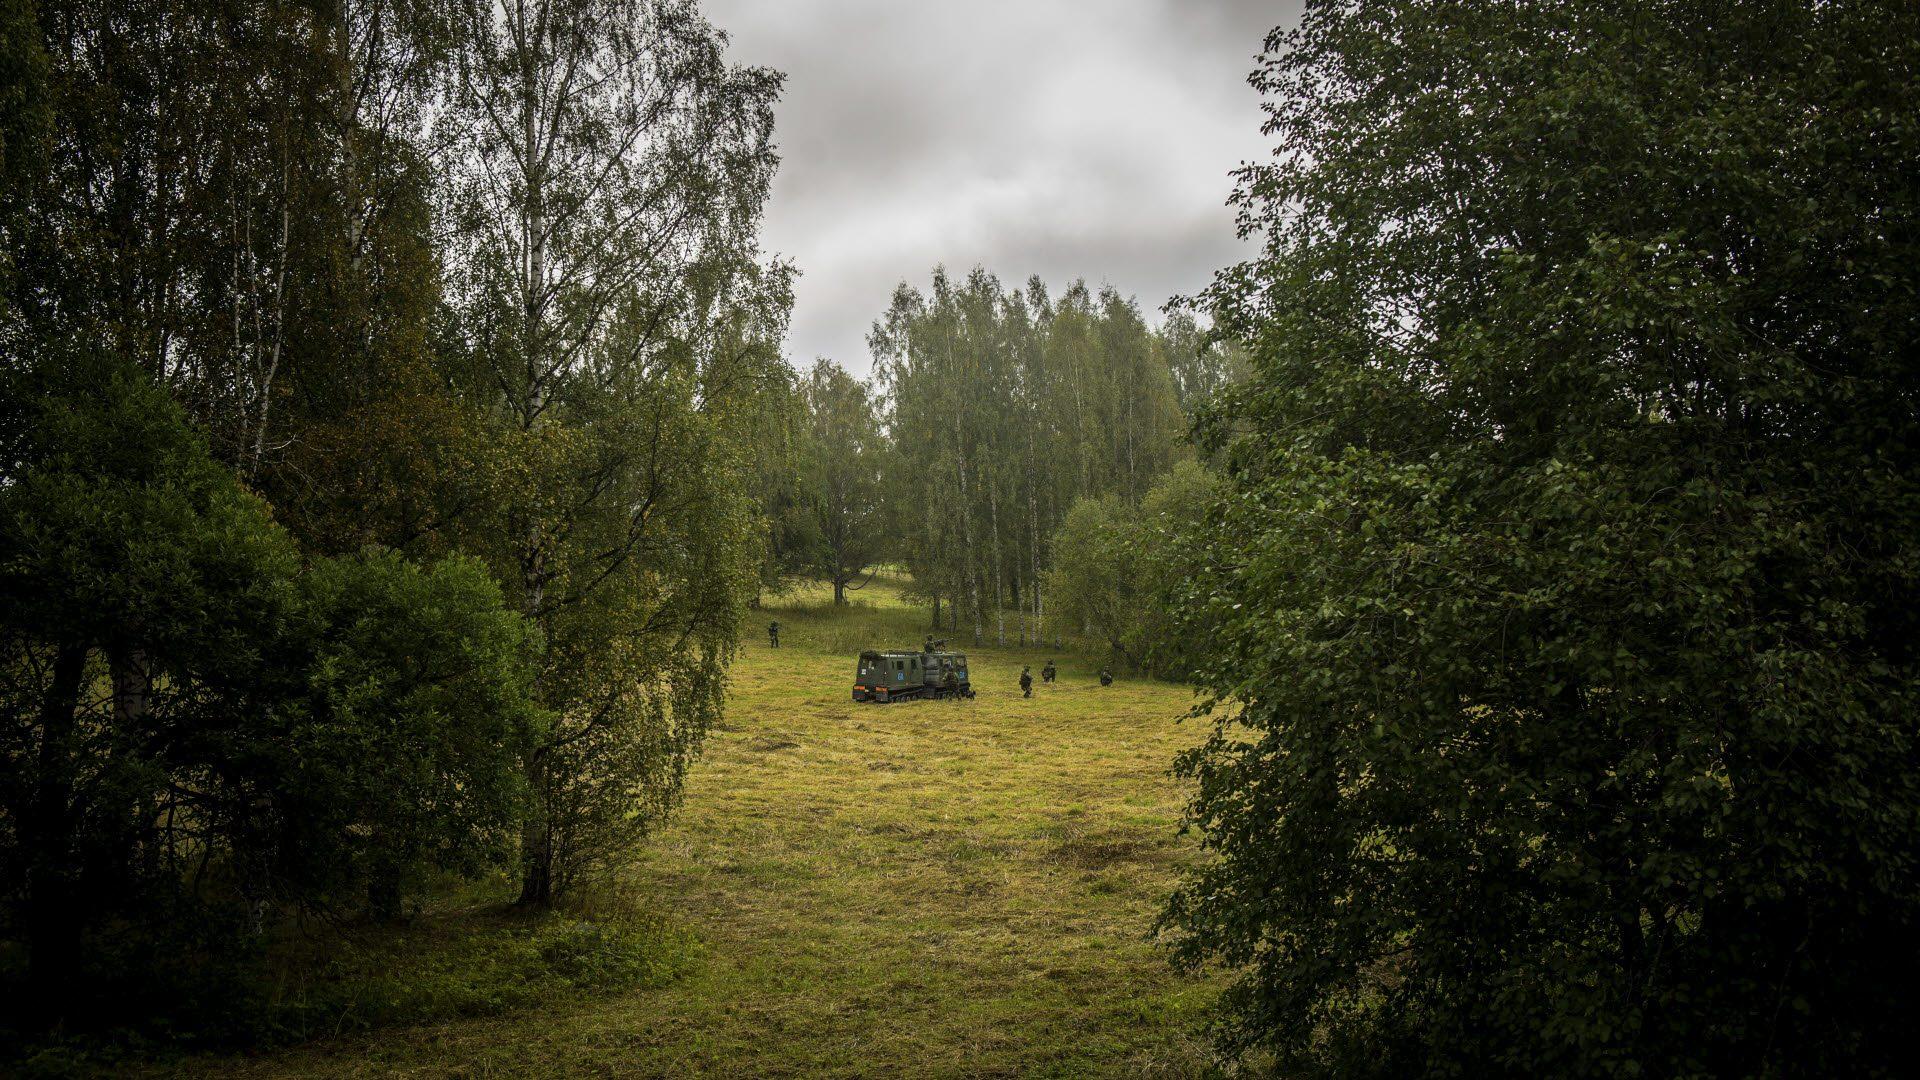 Photo: Bezav Mahmod/Swedish Armed Forces